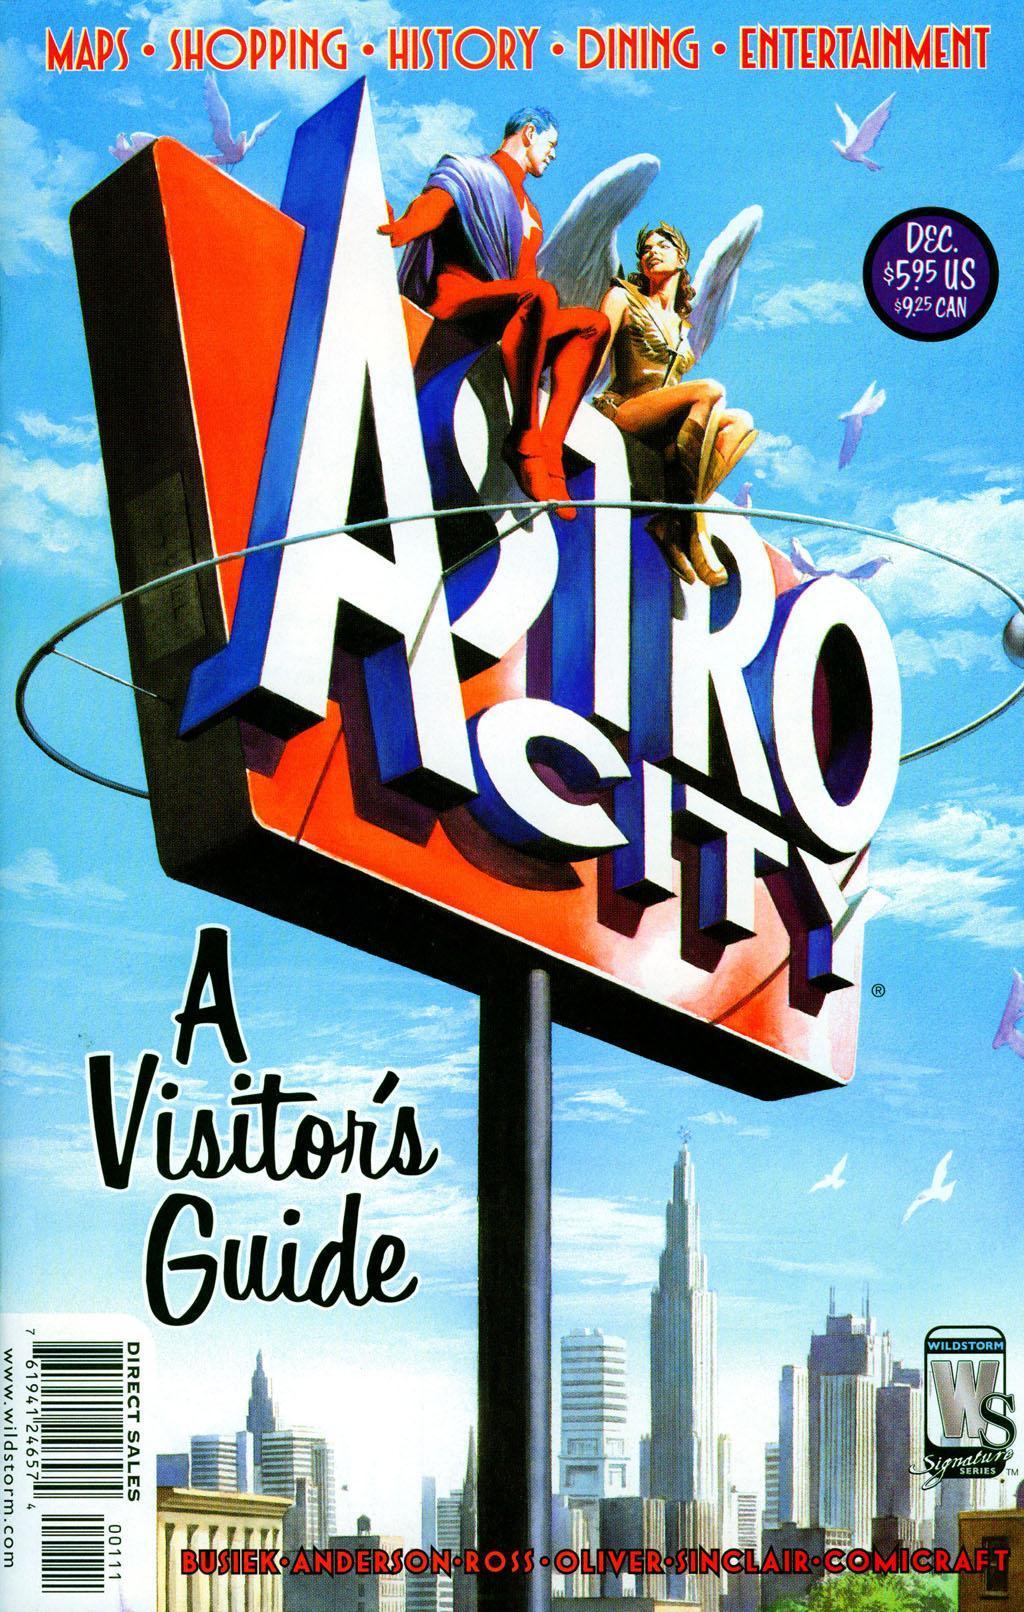 Astro_City_A_Visitors_Guide_Vol_1_1